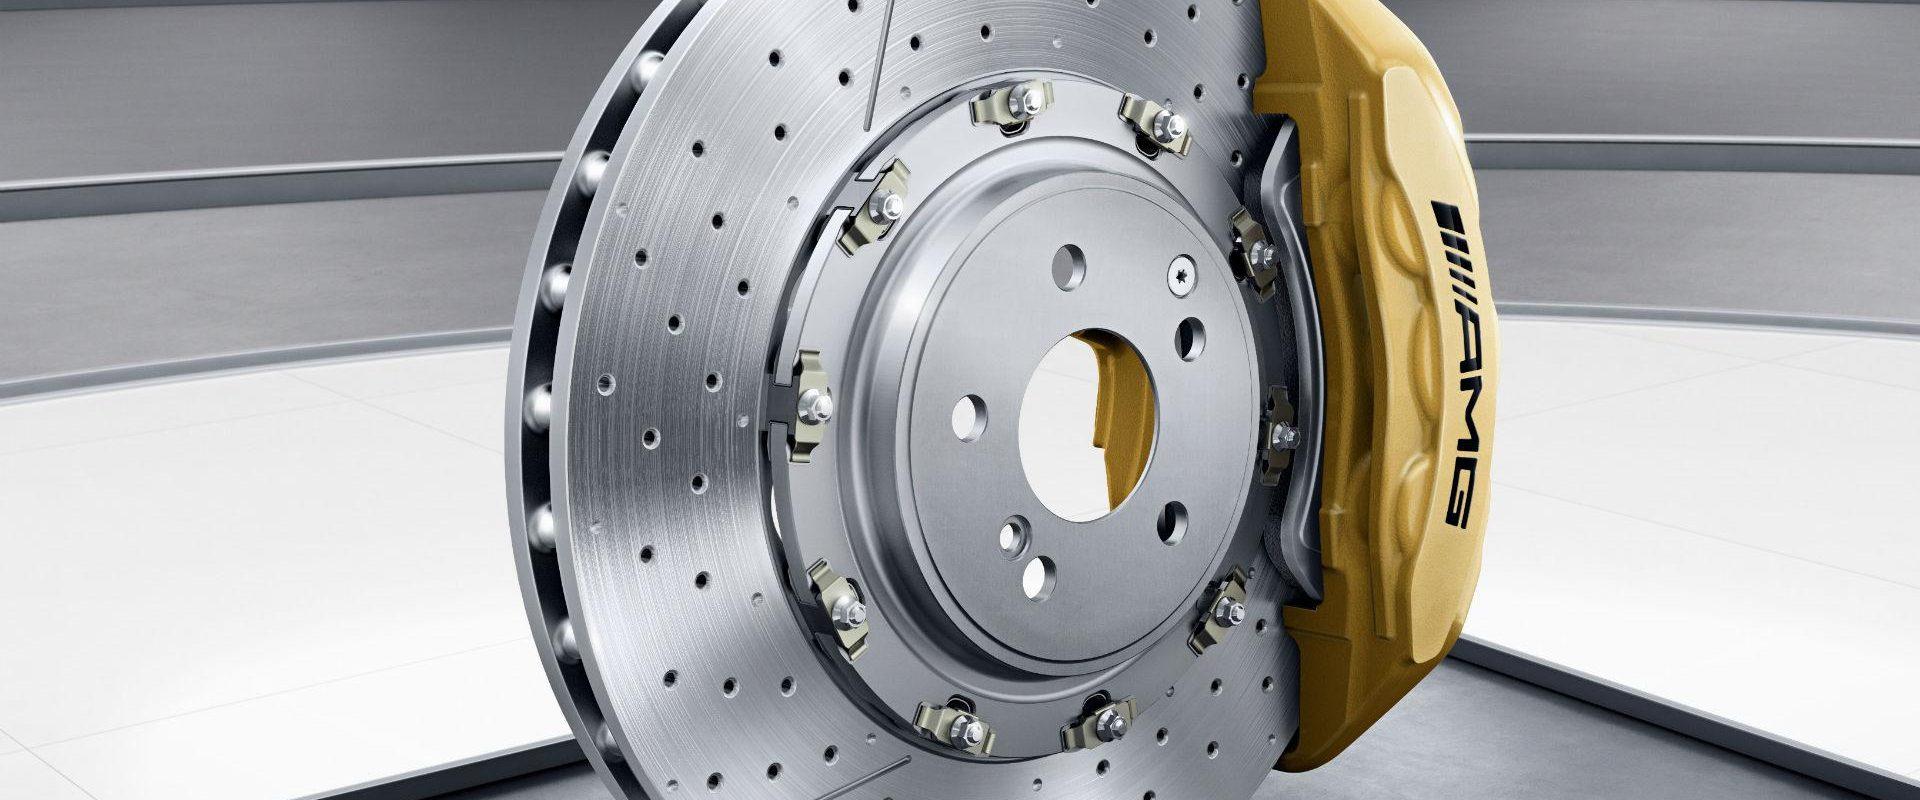 Manutenção de freios: sua importância e quando fazer!